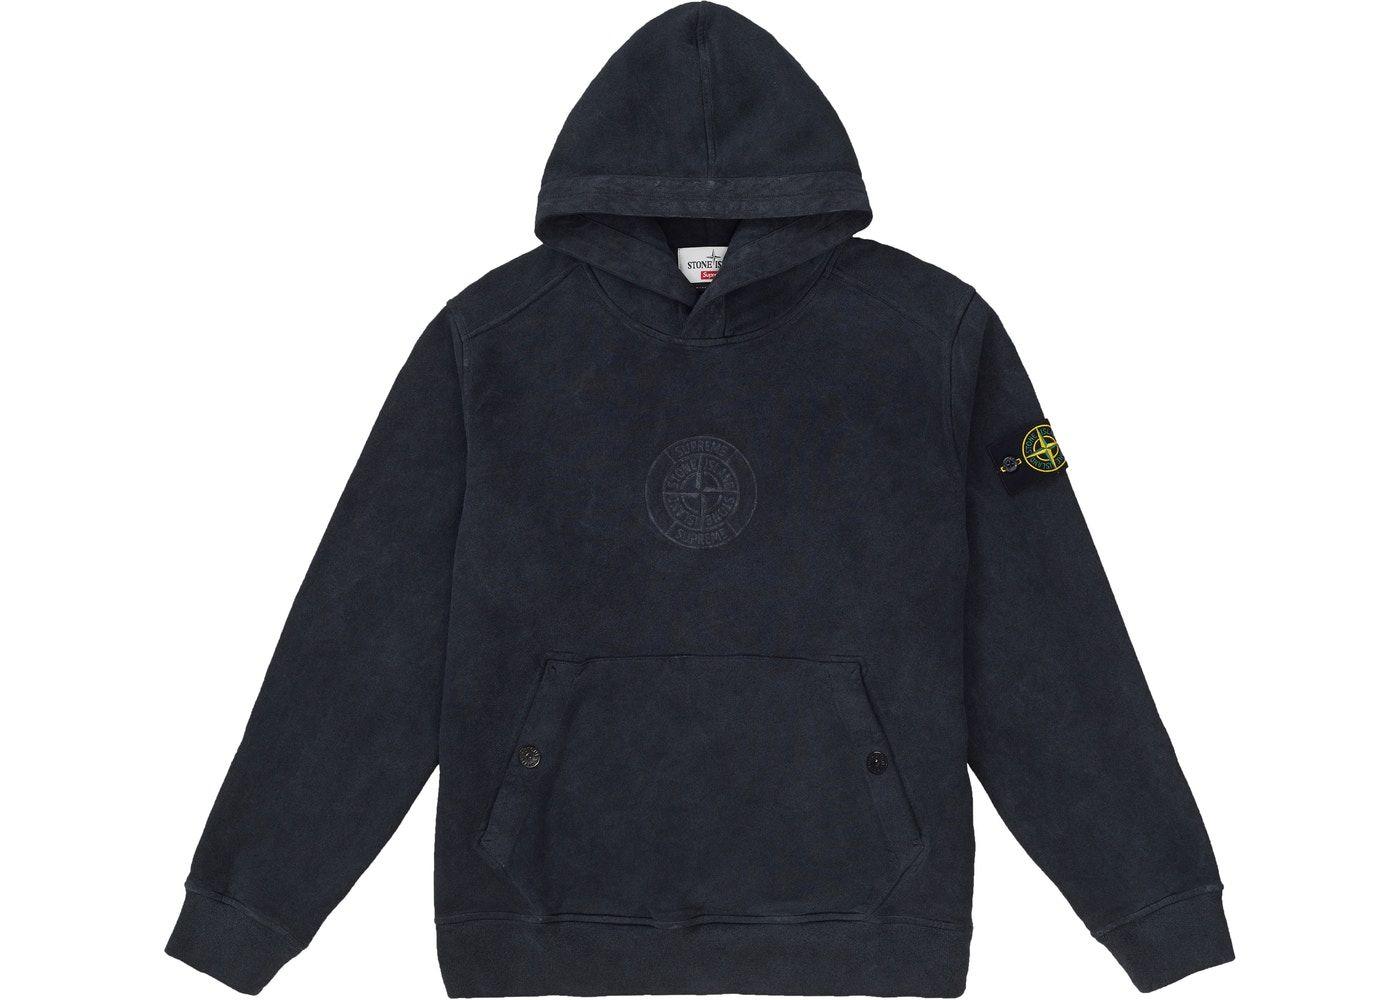 Supreme Stone Island Hooded Sweatshirt Ss19 Black Hooded Sweatshirts Sweatshirts Supreme Clothing [ 1000 x 1400 Pixel ]